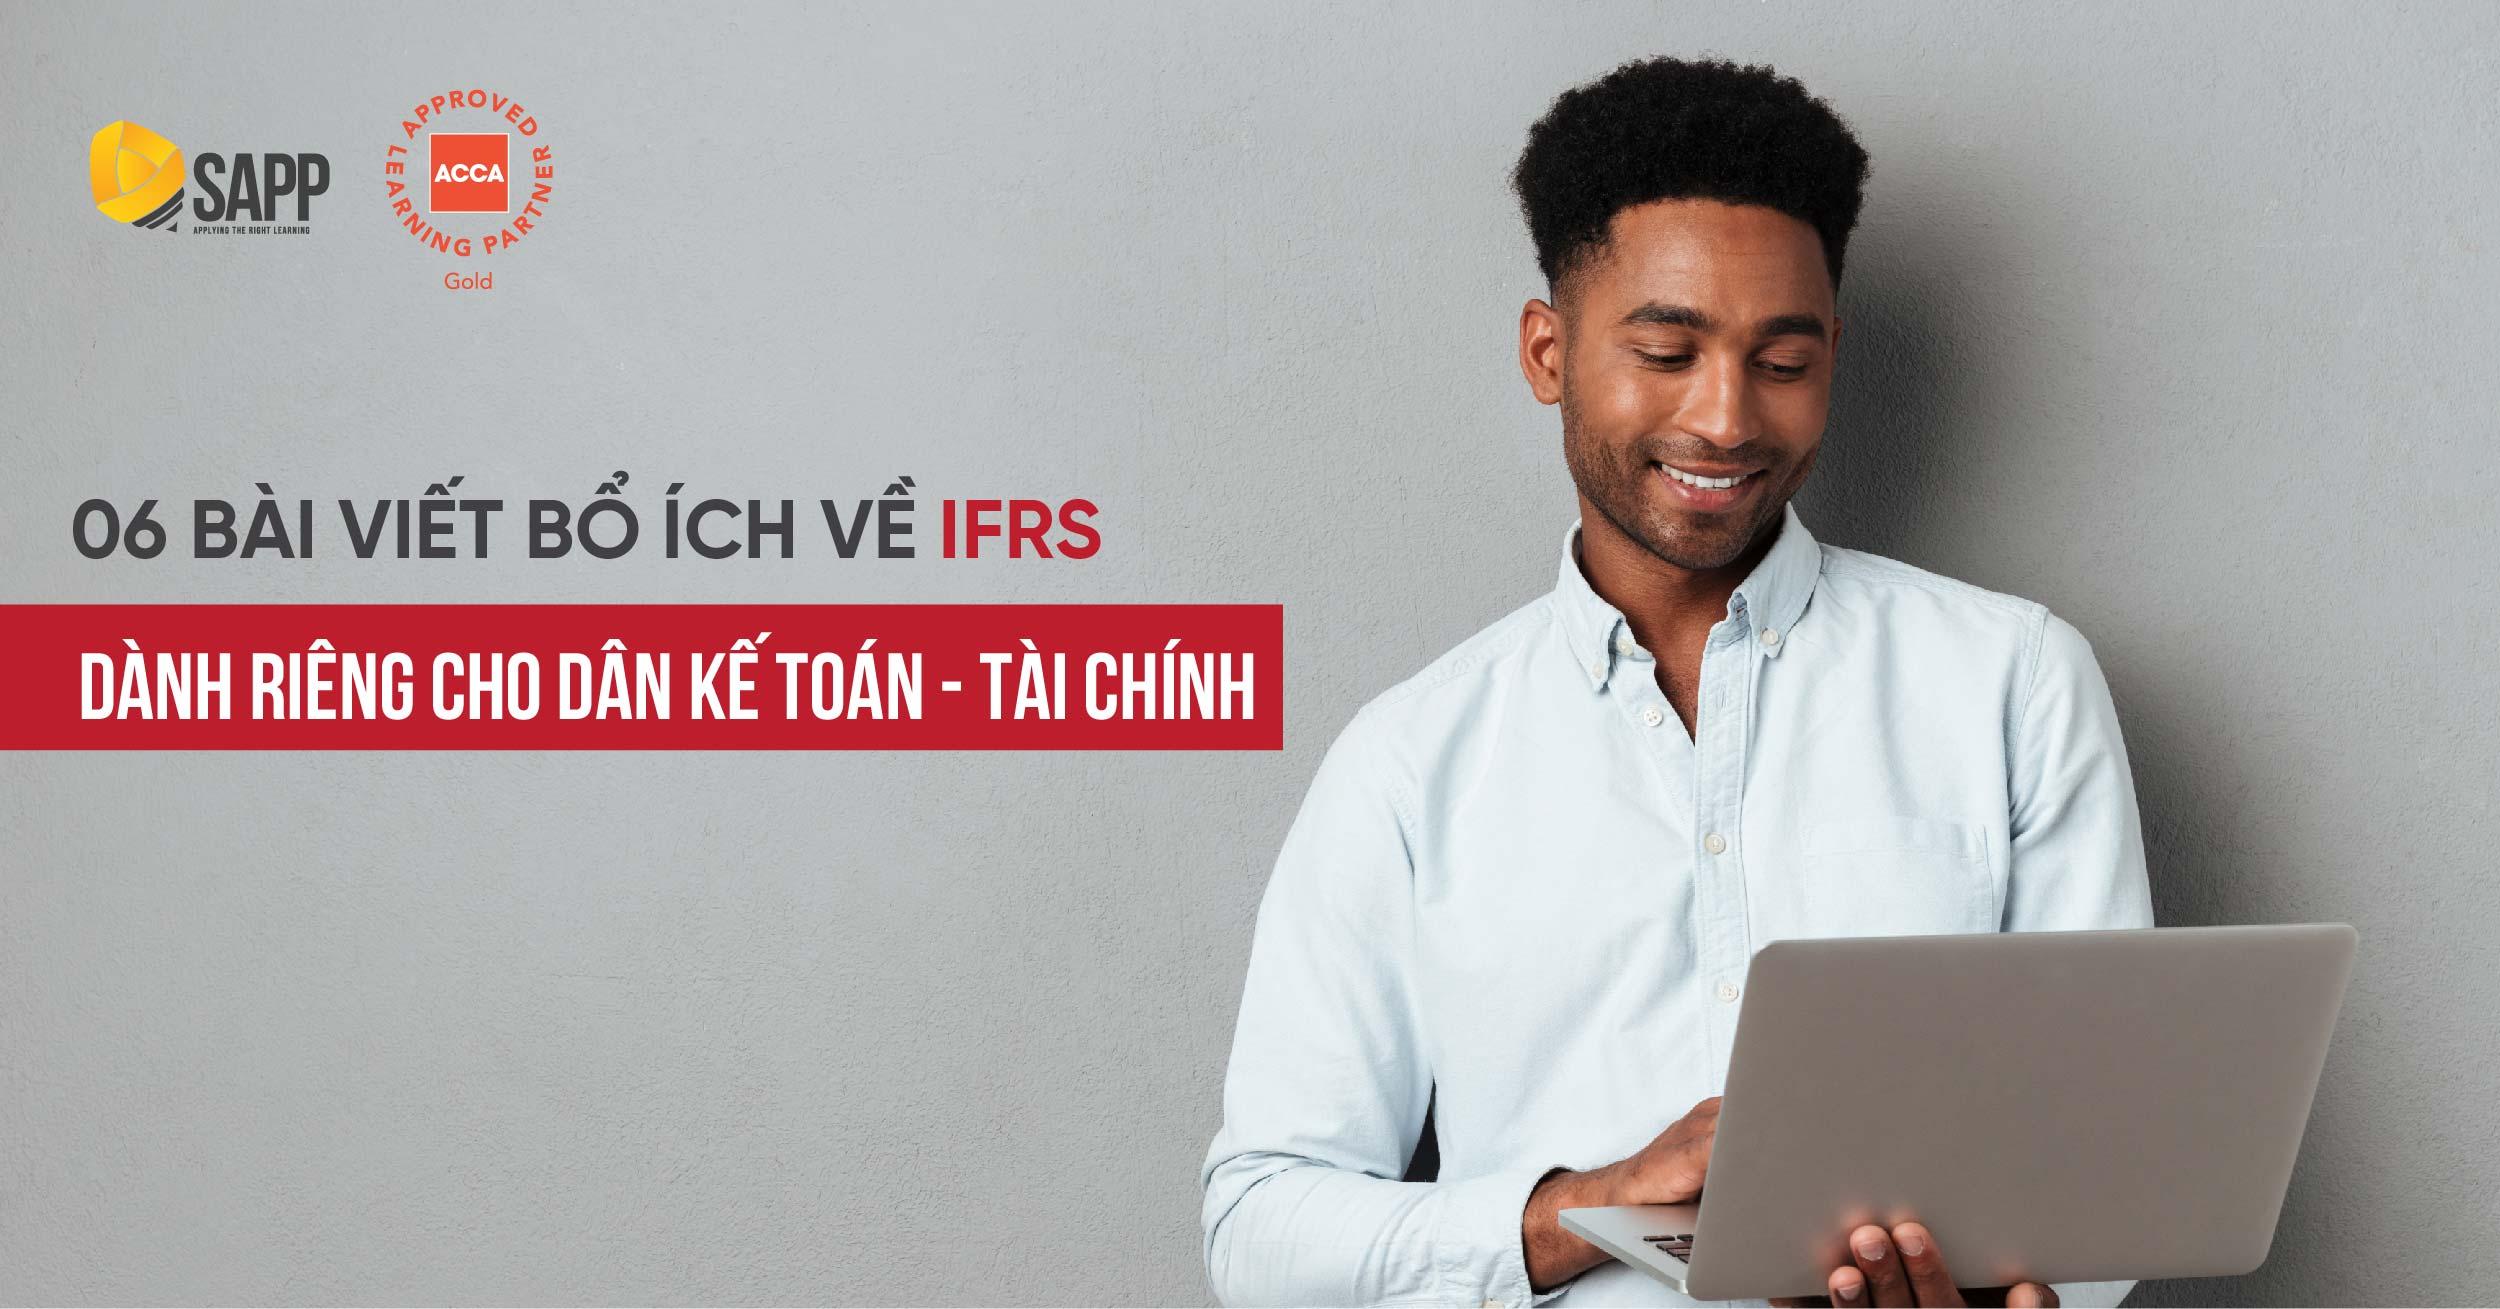 06 Bài Viết Bổ Ích Về IFRS Dành Cho Dân Kế Toán - Tài chính